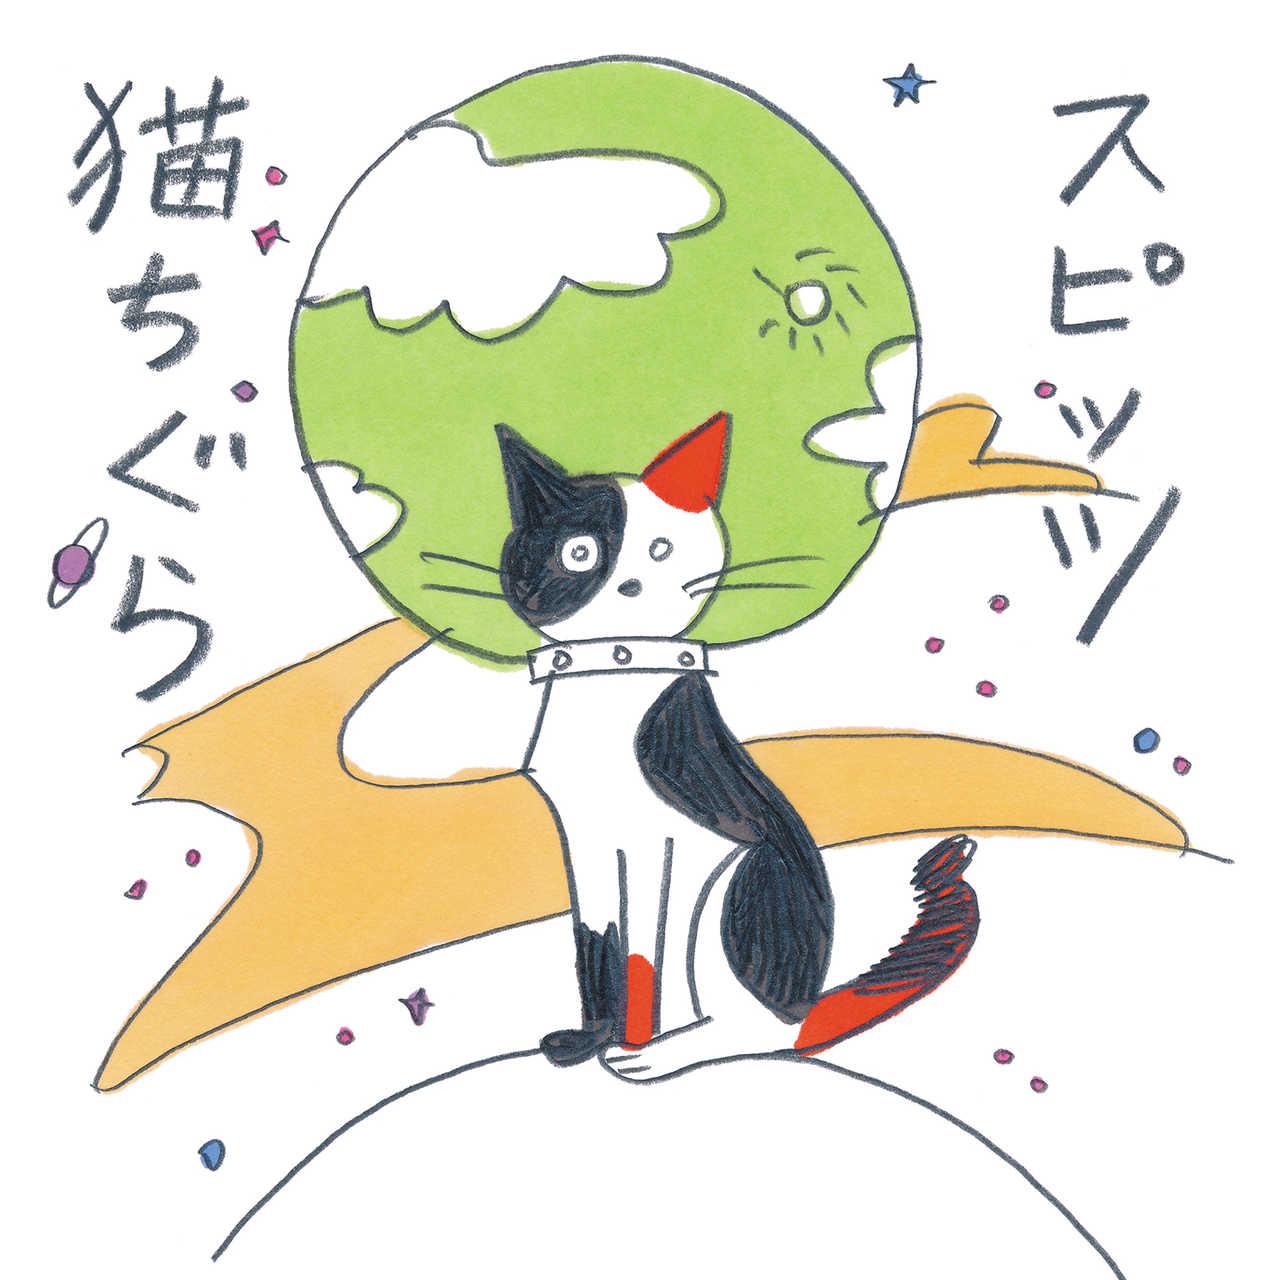 スピッツ「猫ちぐら」初リモート楽曲の優しさ溢れる歌詞に胸アツ!